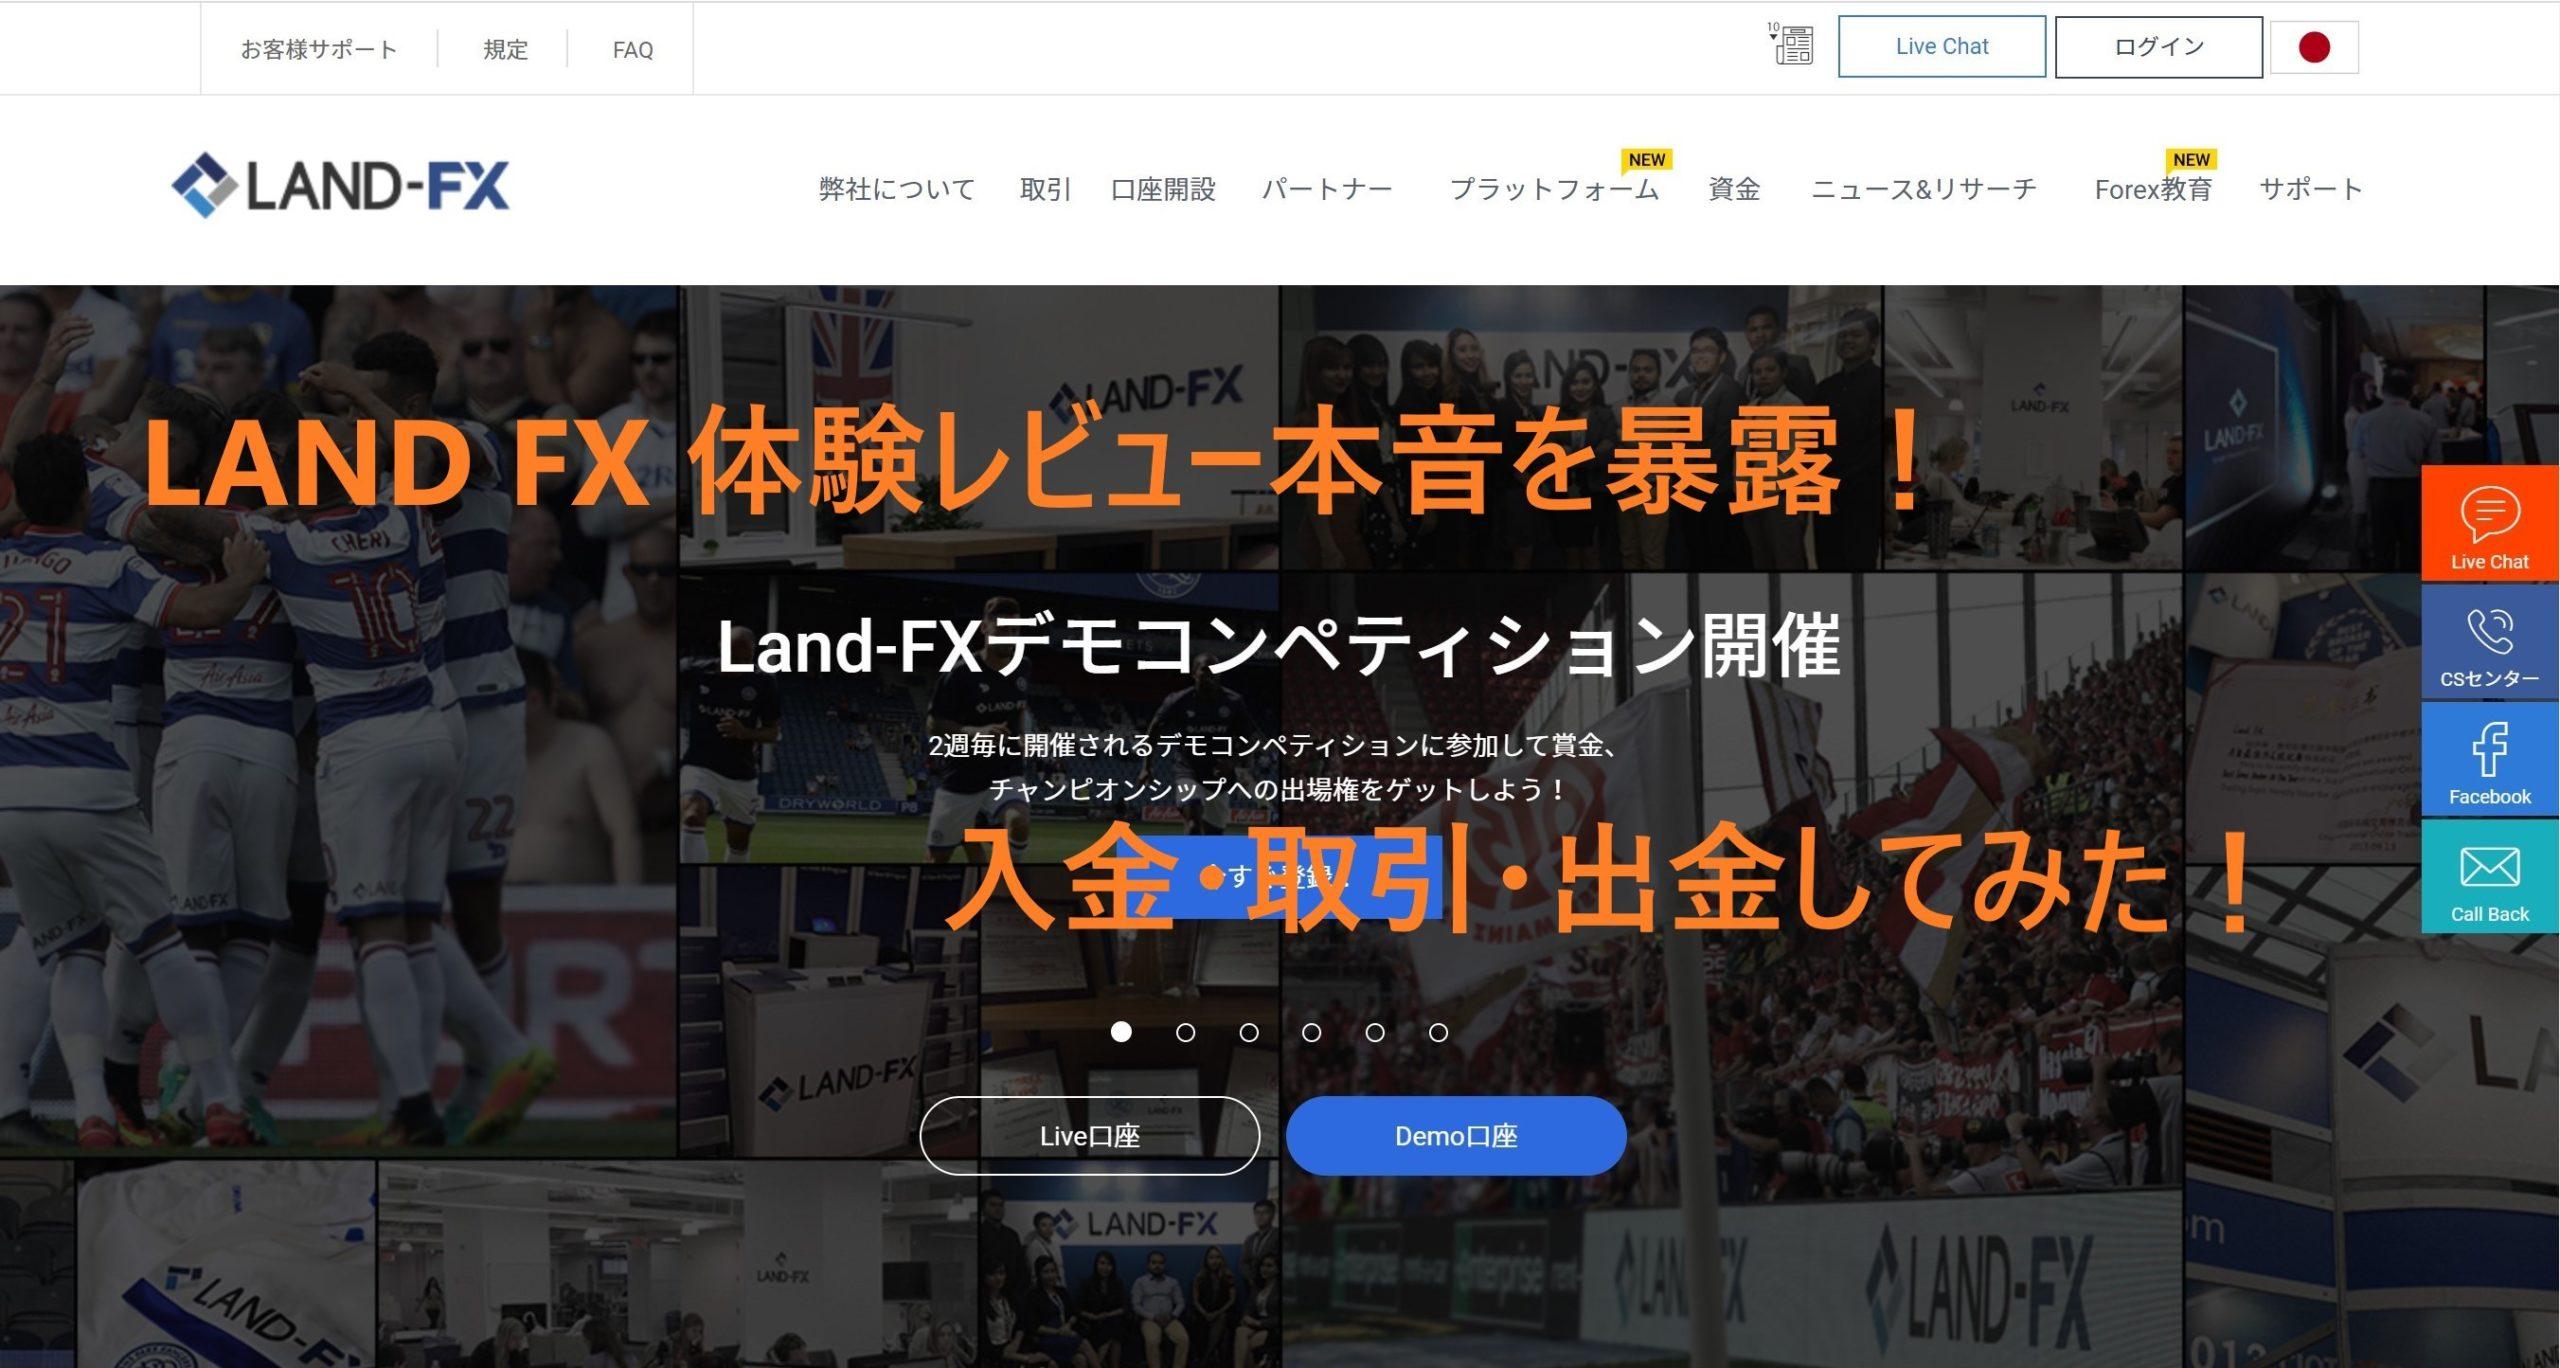 海外FX LAND FX 体験レビュー本音を暴露。入金取引をしてみた